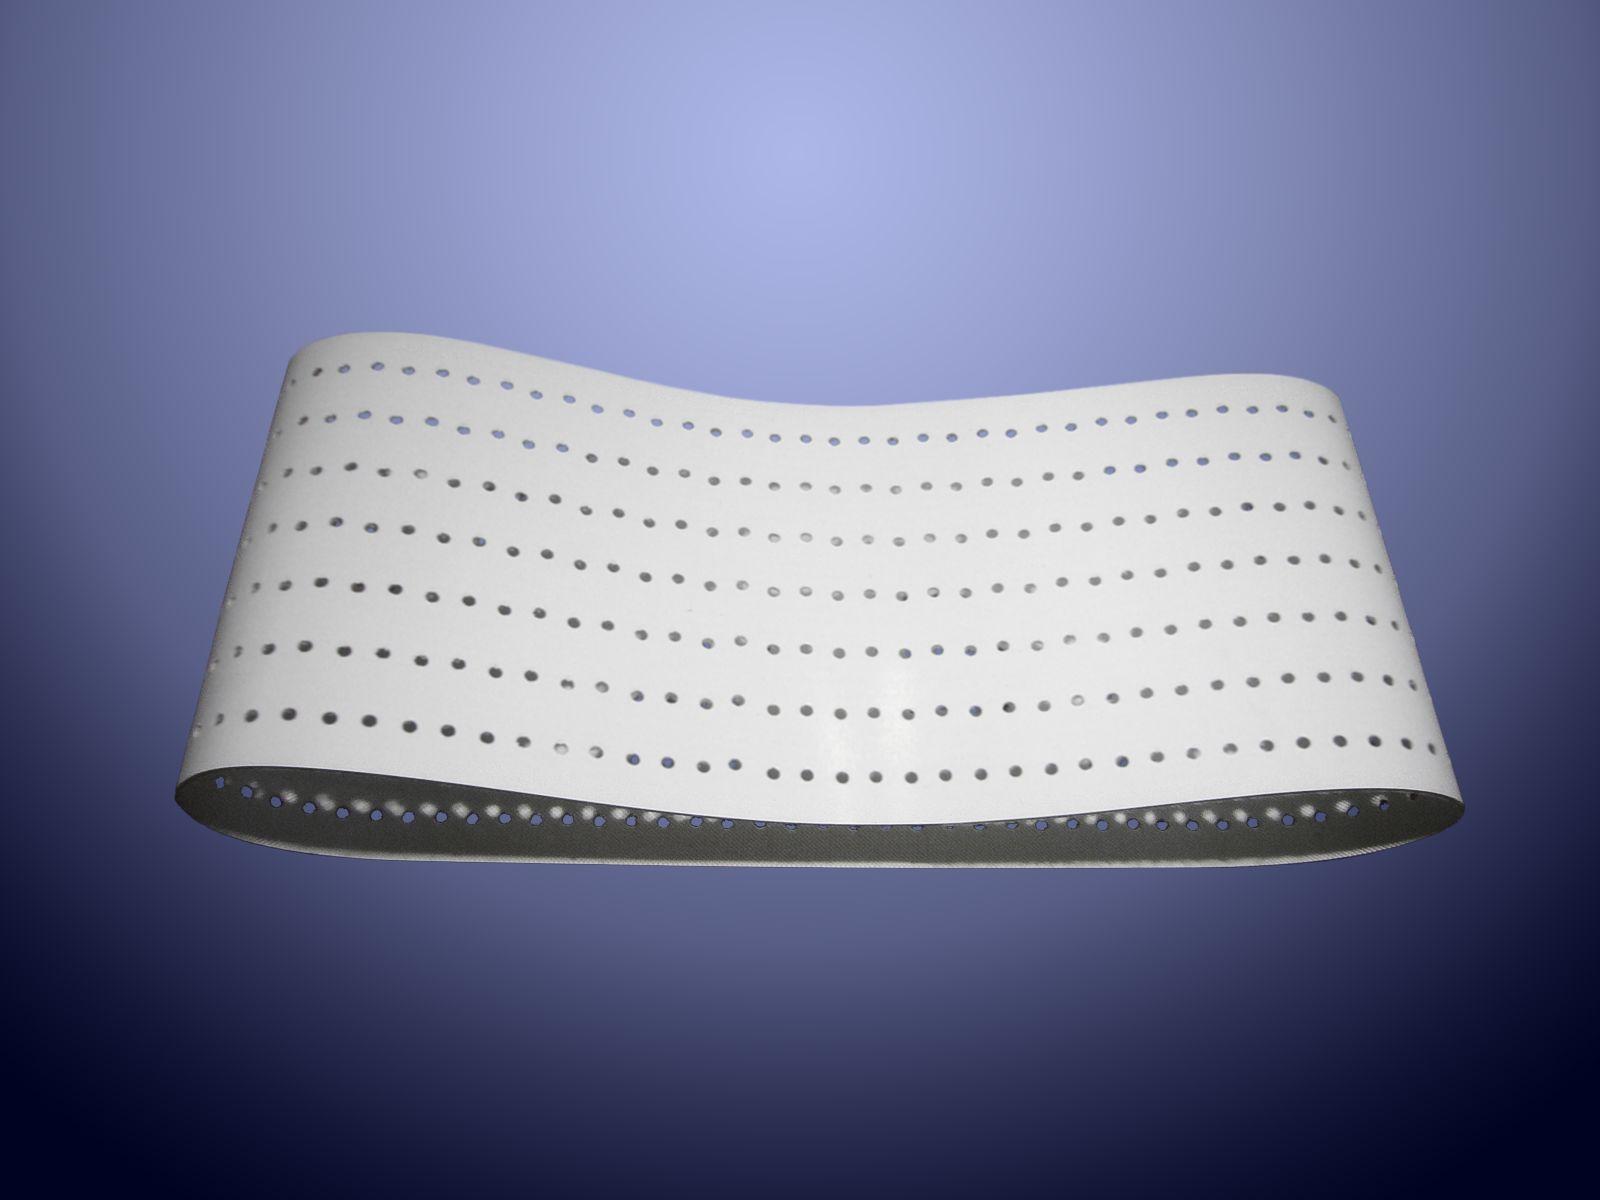 Nastro forato per sistema di aspirazione utilizzato nel settore della carta